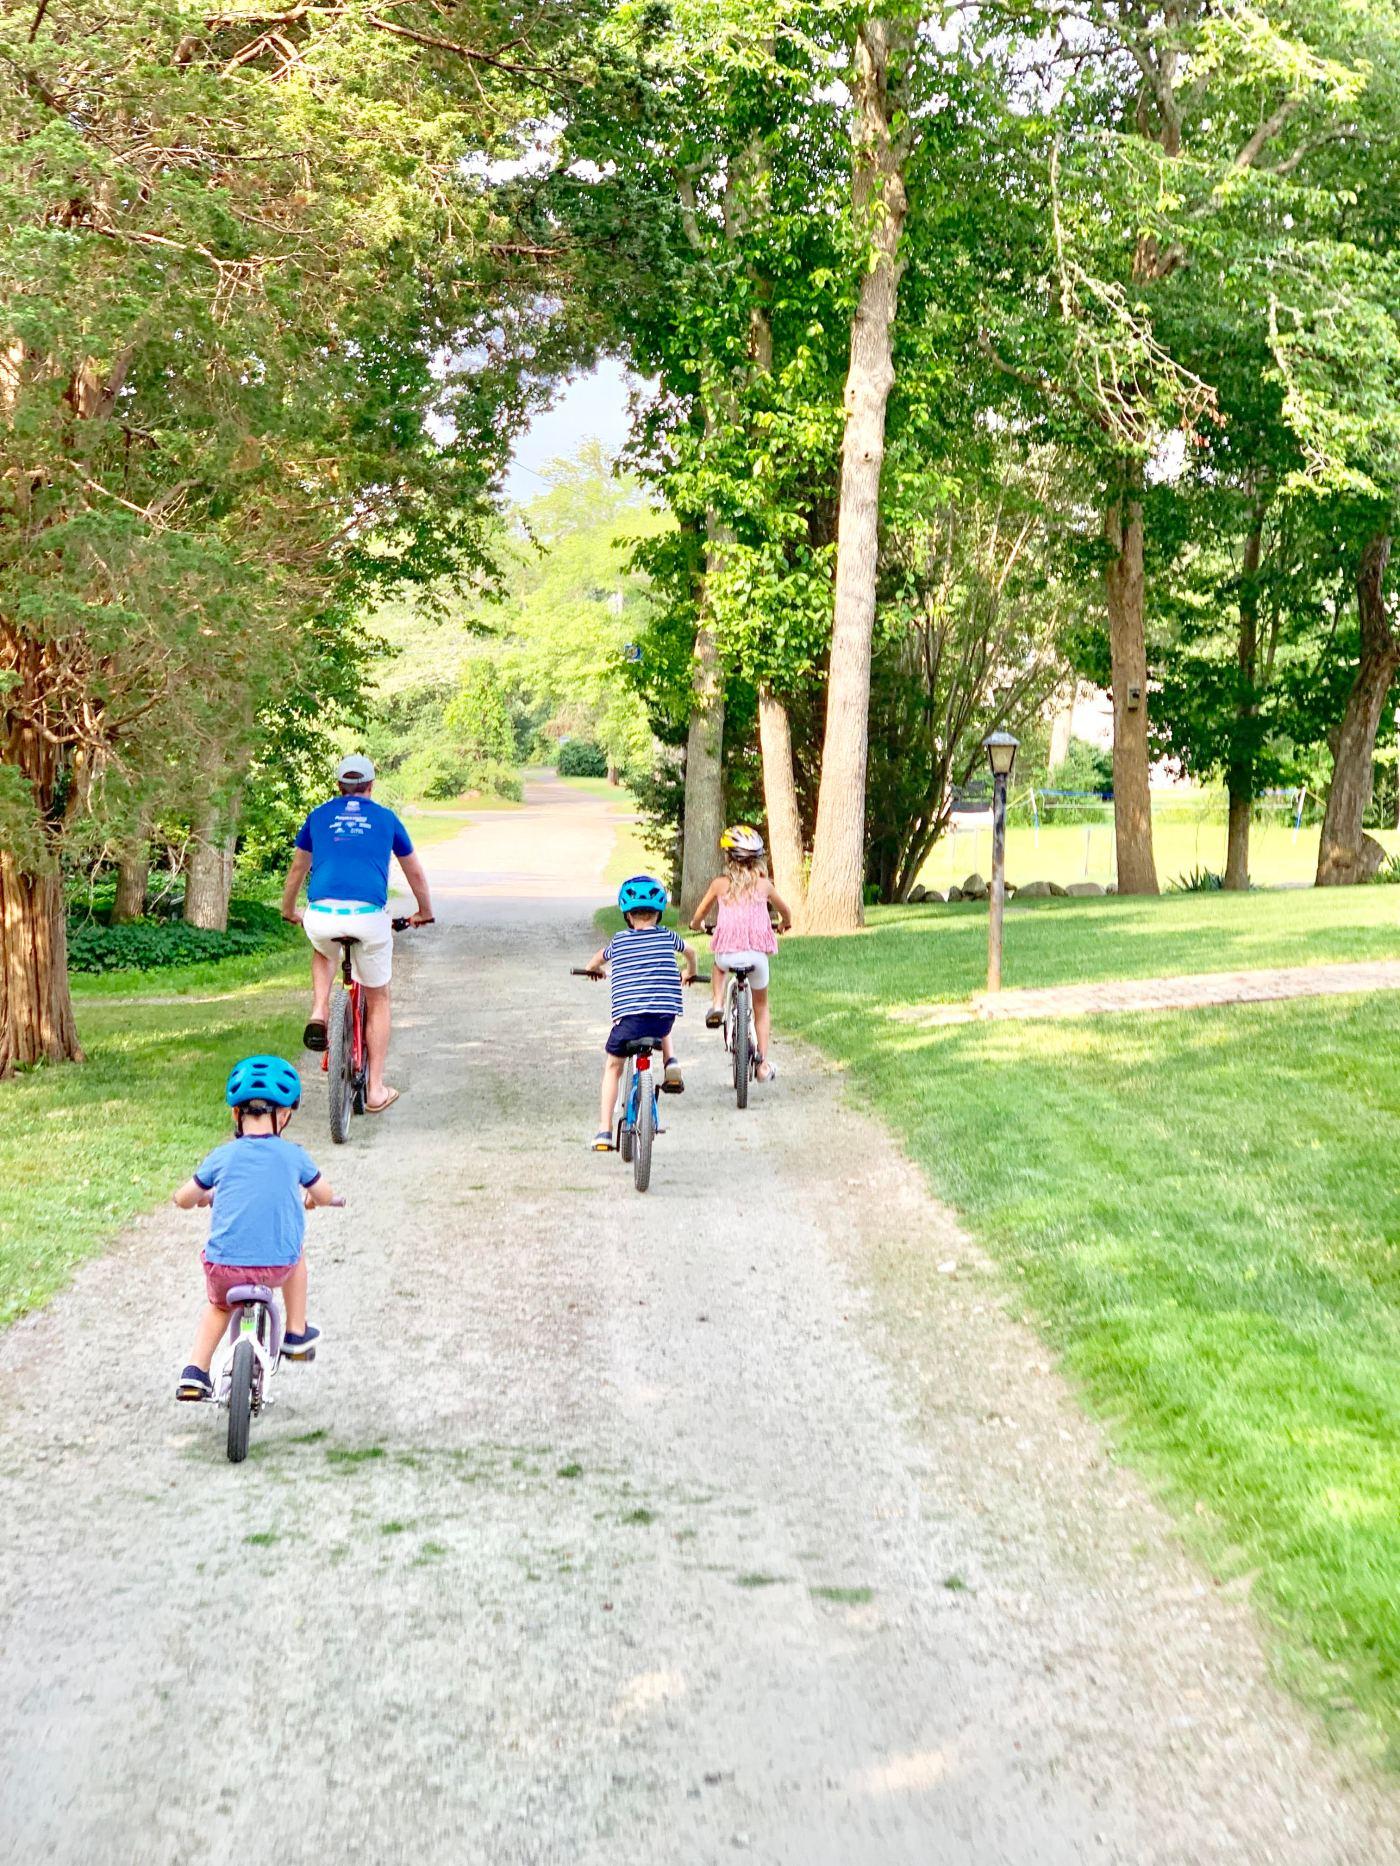 Biking in Mattapoisett